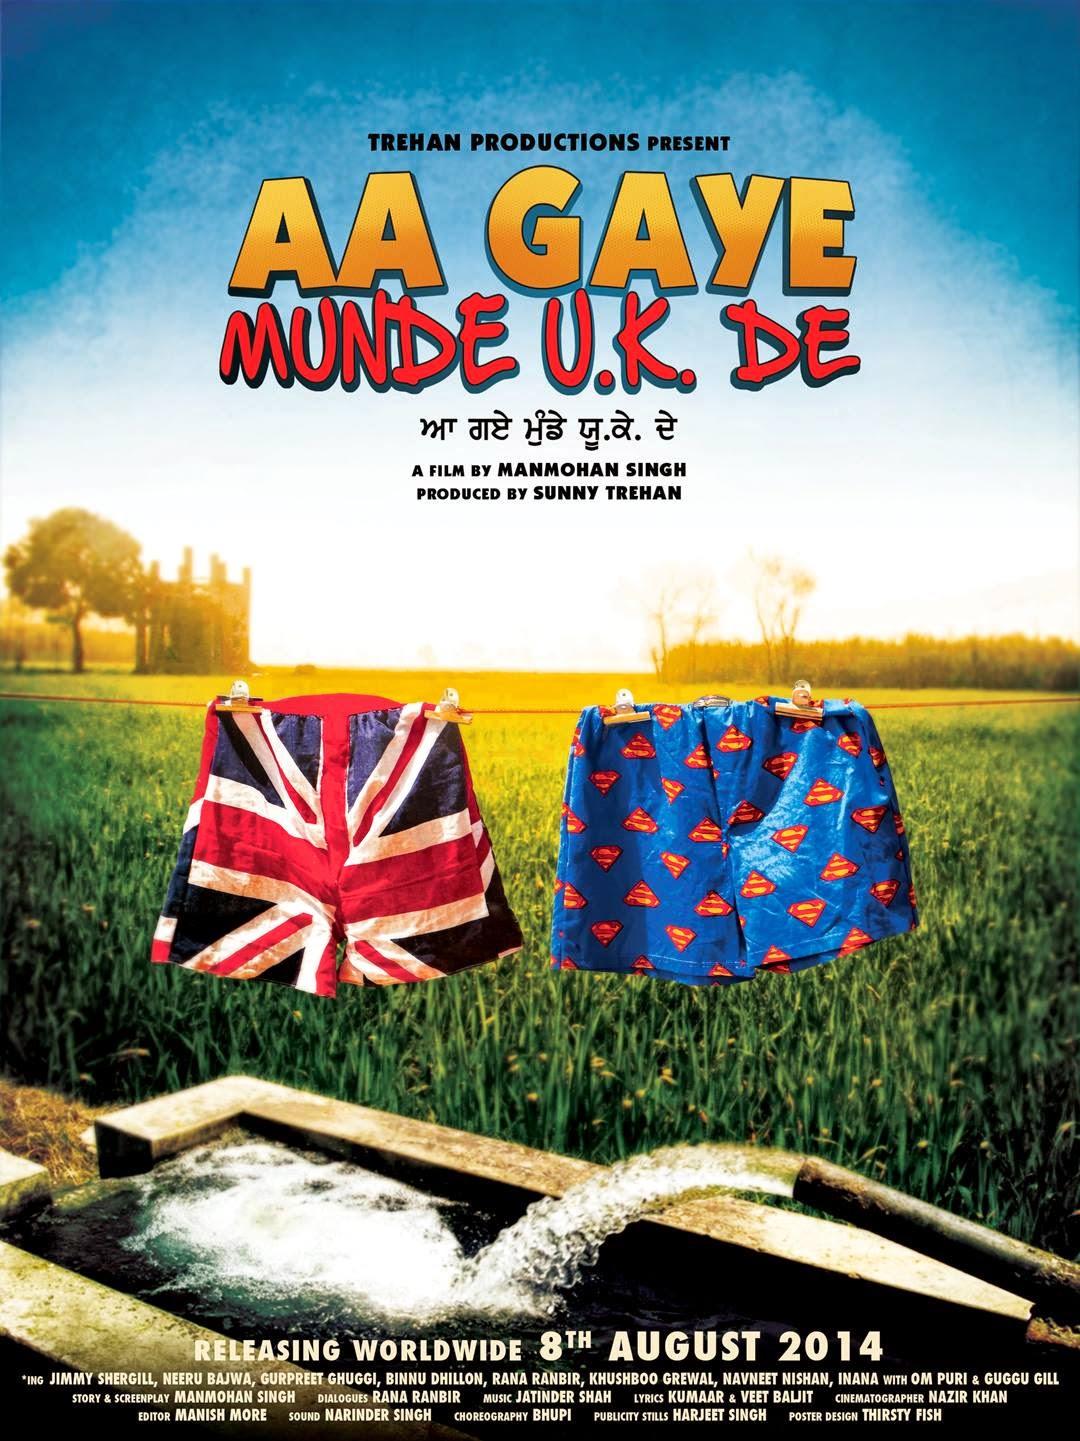 Chori Chori - Feroz Khan Song Lyrics from Aa gaye munde UK de movie | MP3 VIDEO DOWNLOAD